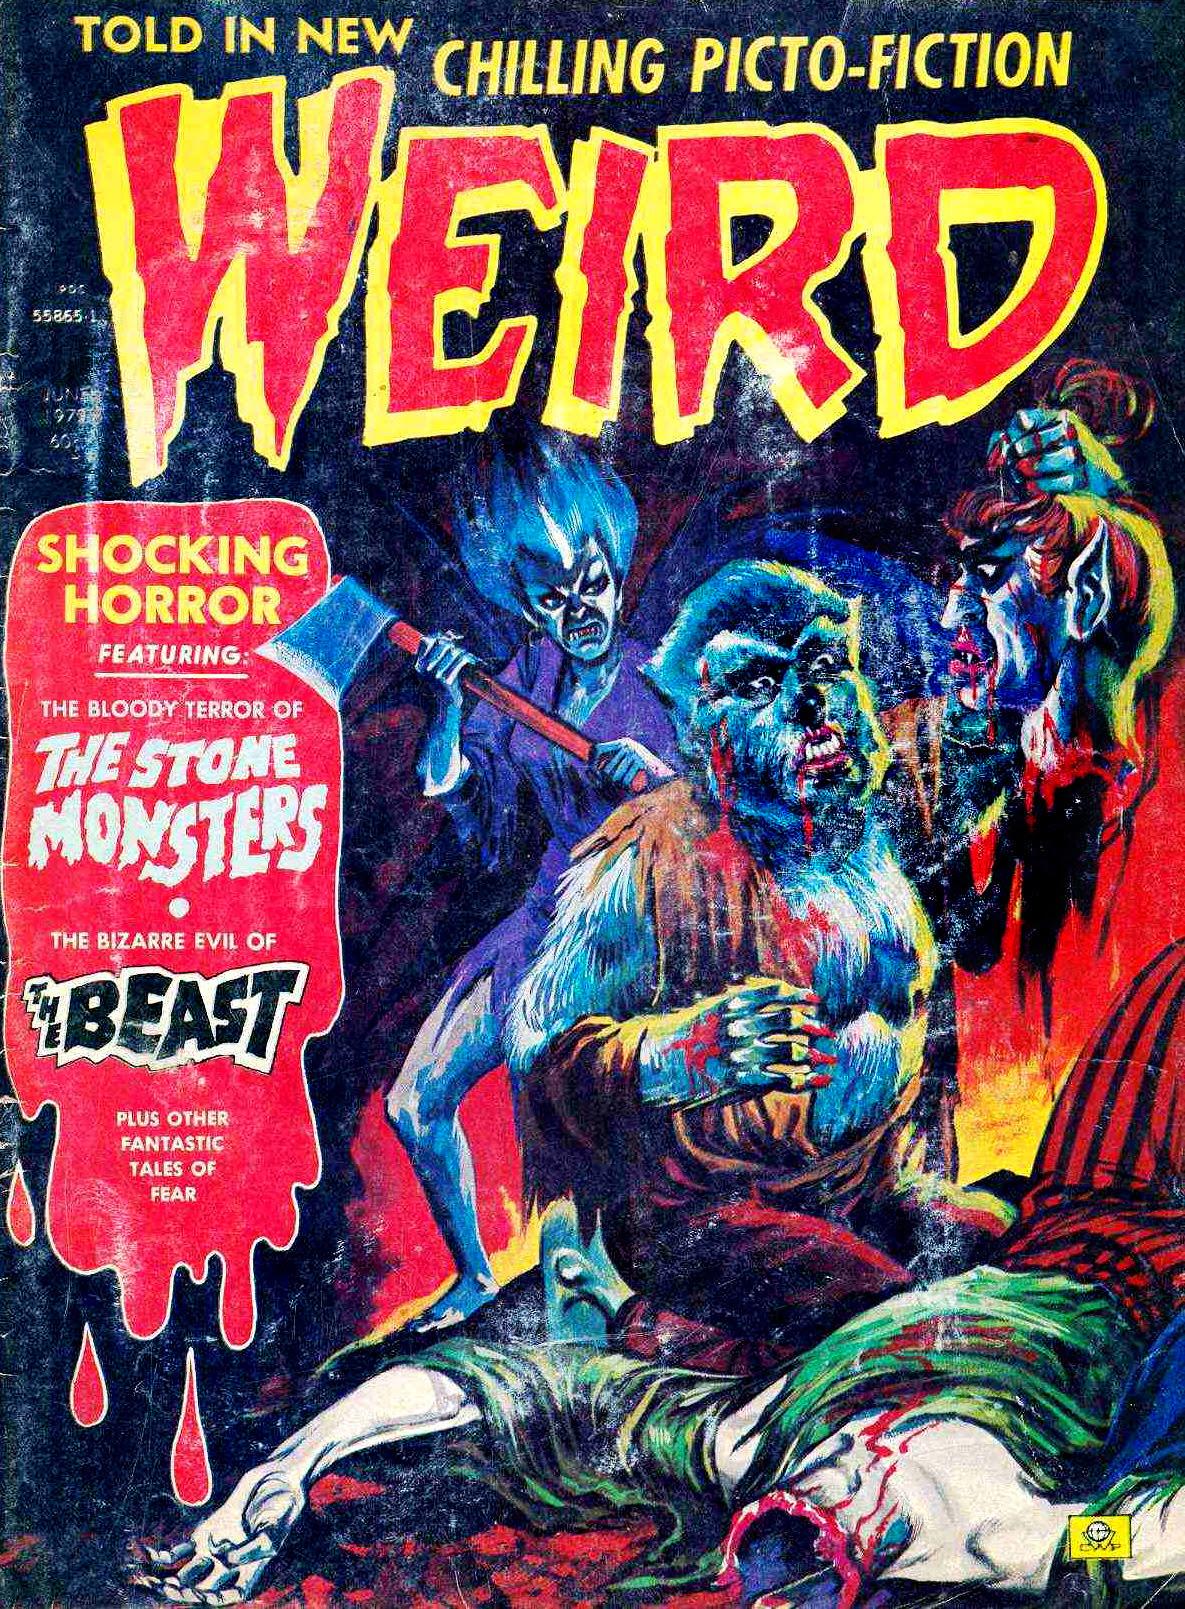 Weird Vol. 06 #4 (Eerie Publications, 1972)